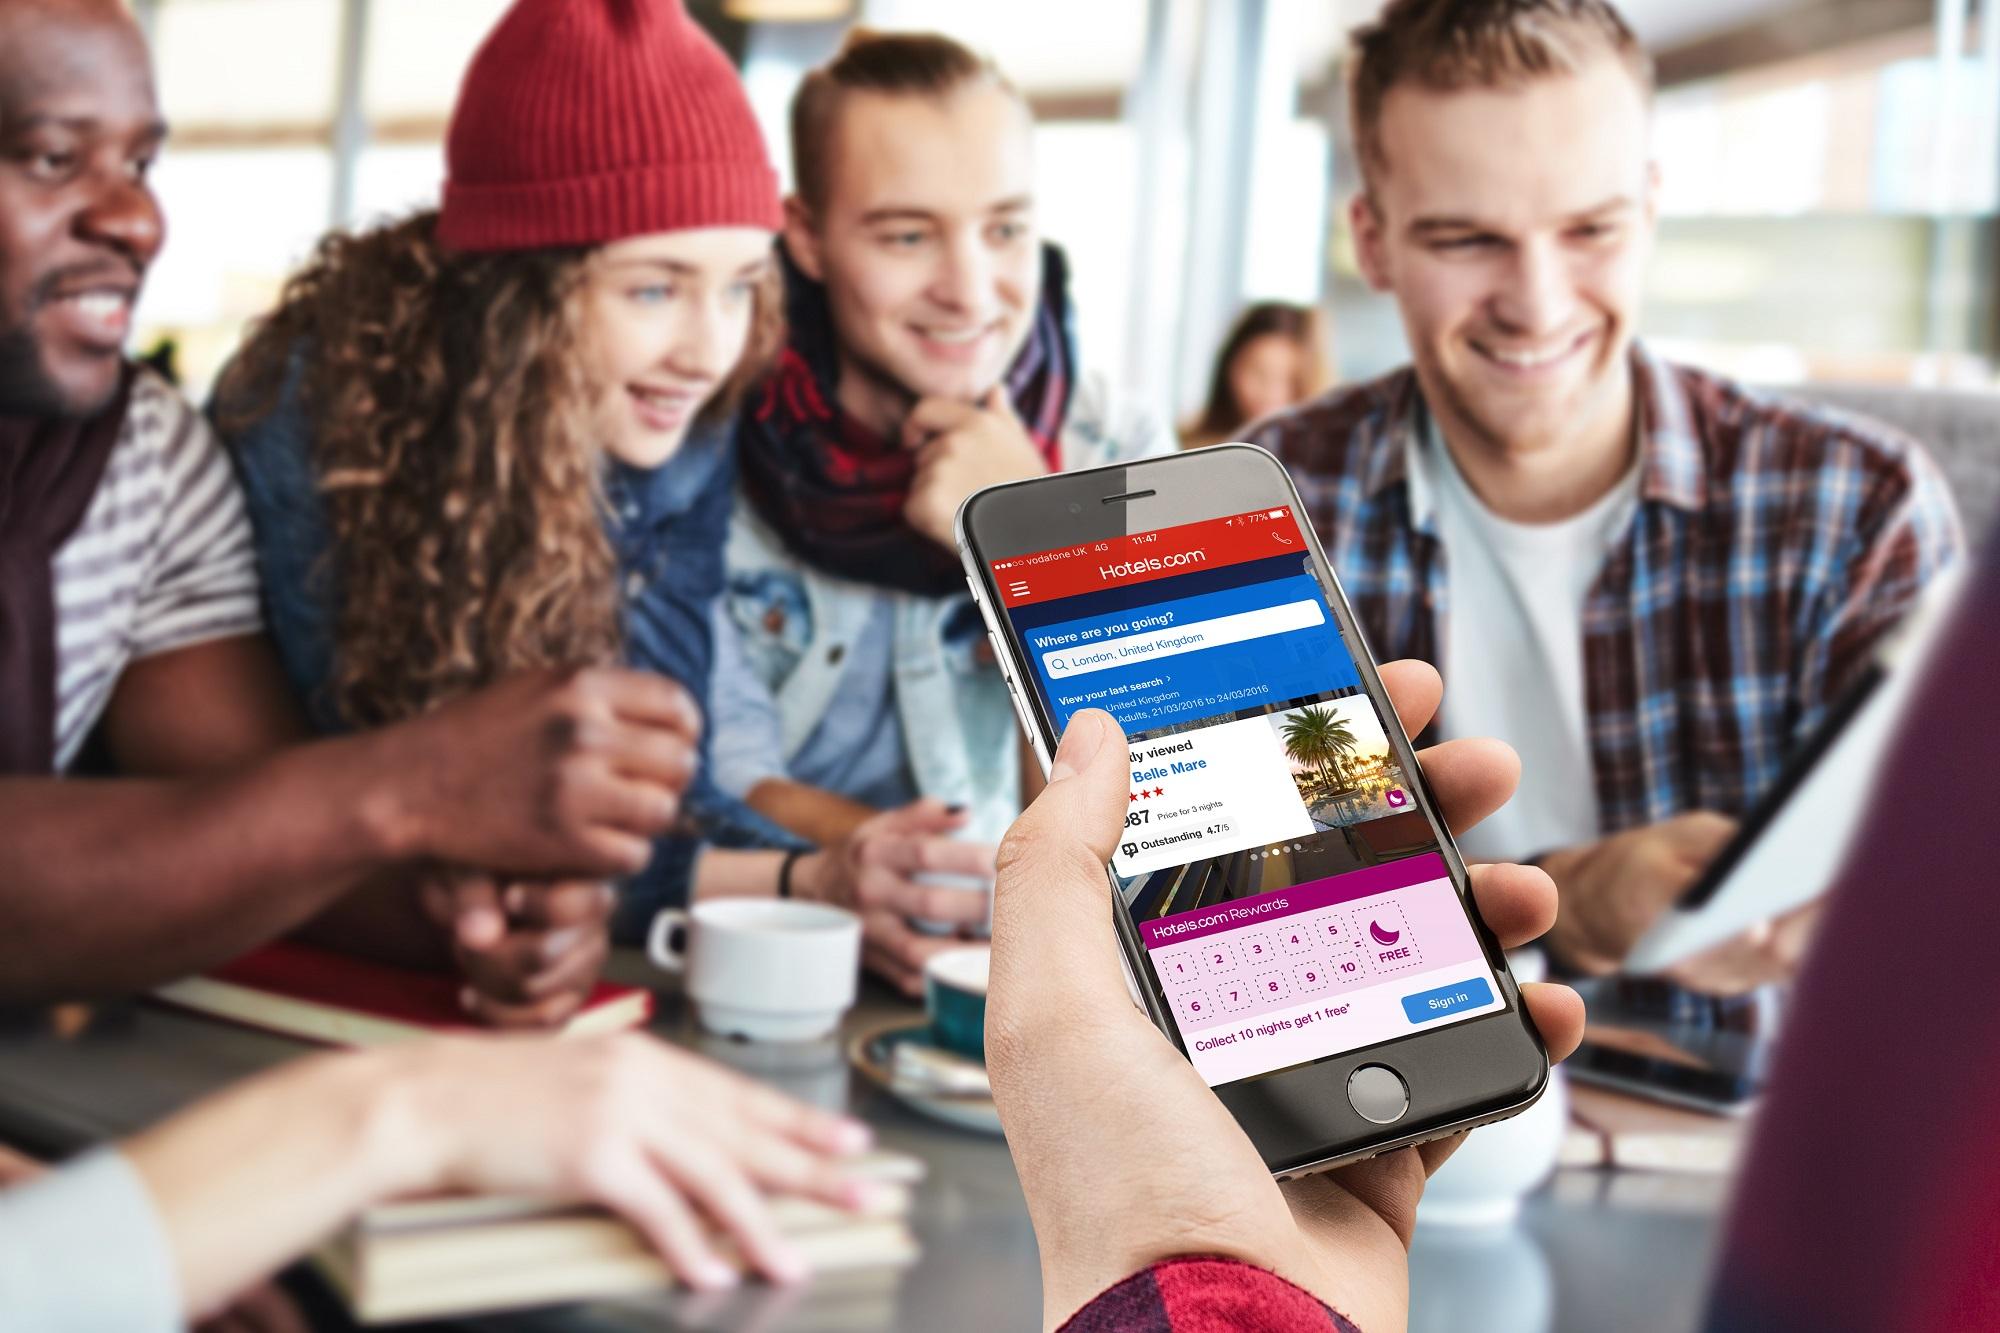 手機平板用 Hotels.com 訂酒店  即有 92 折優惠